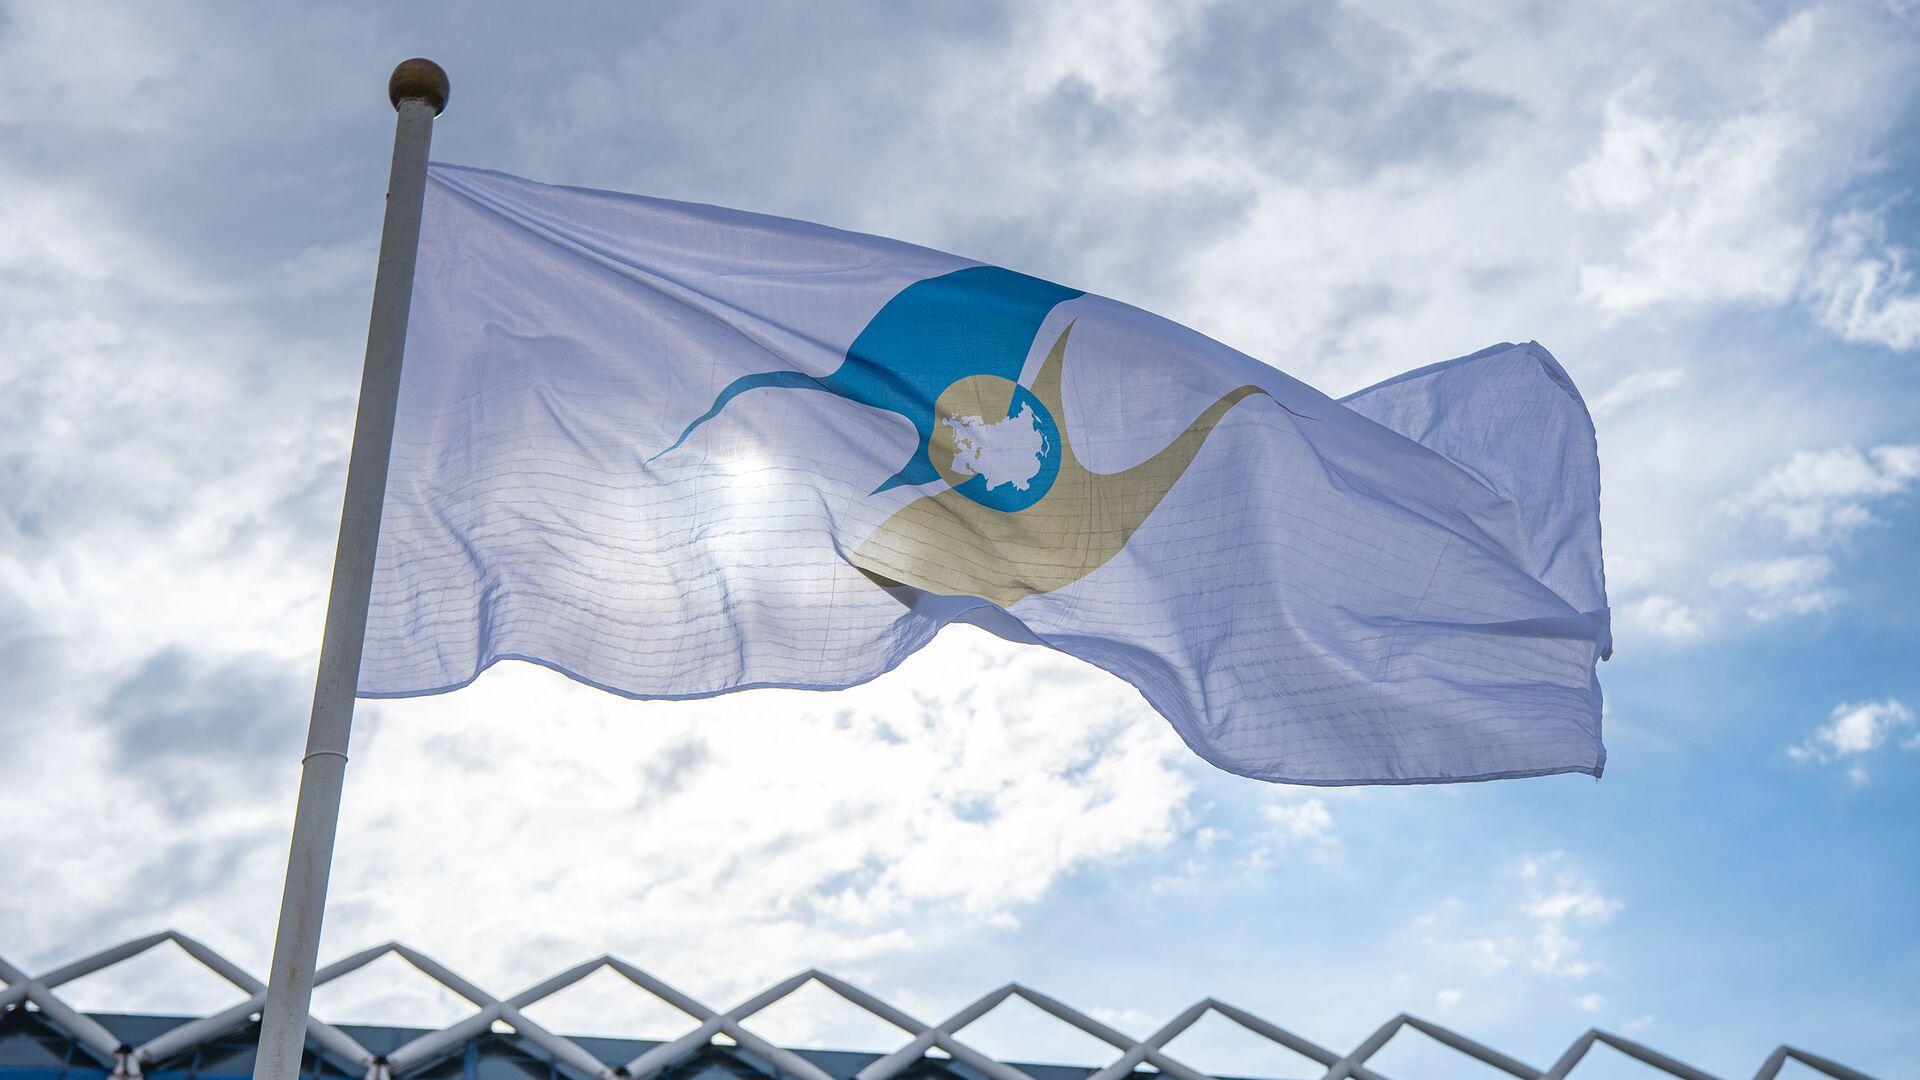 La bandera de la Unión Económica Euroasiática - Sputnik Mundo, 1920, 27.05.2021